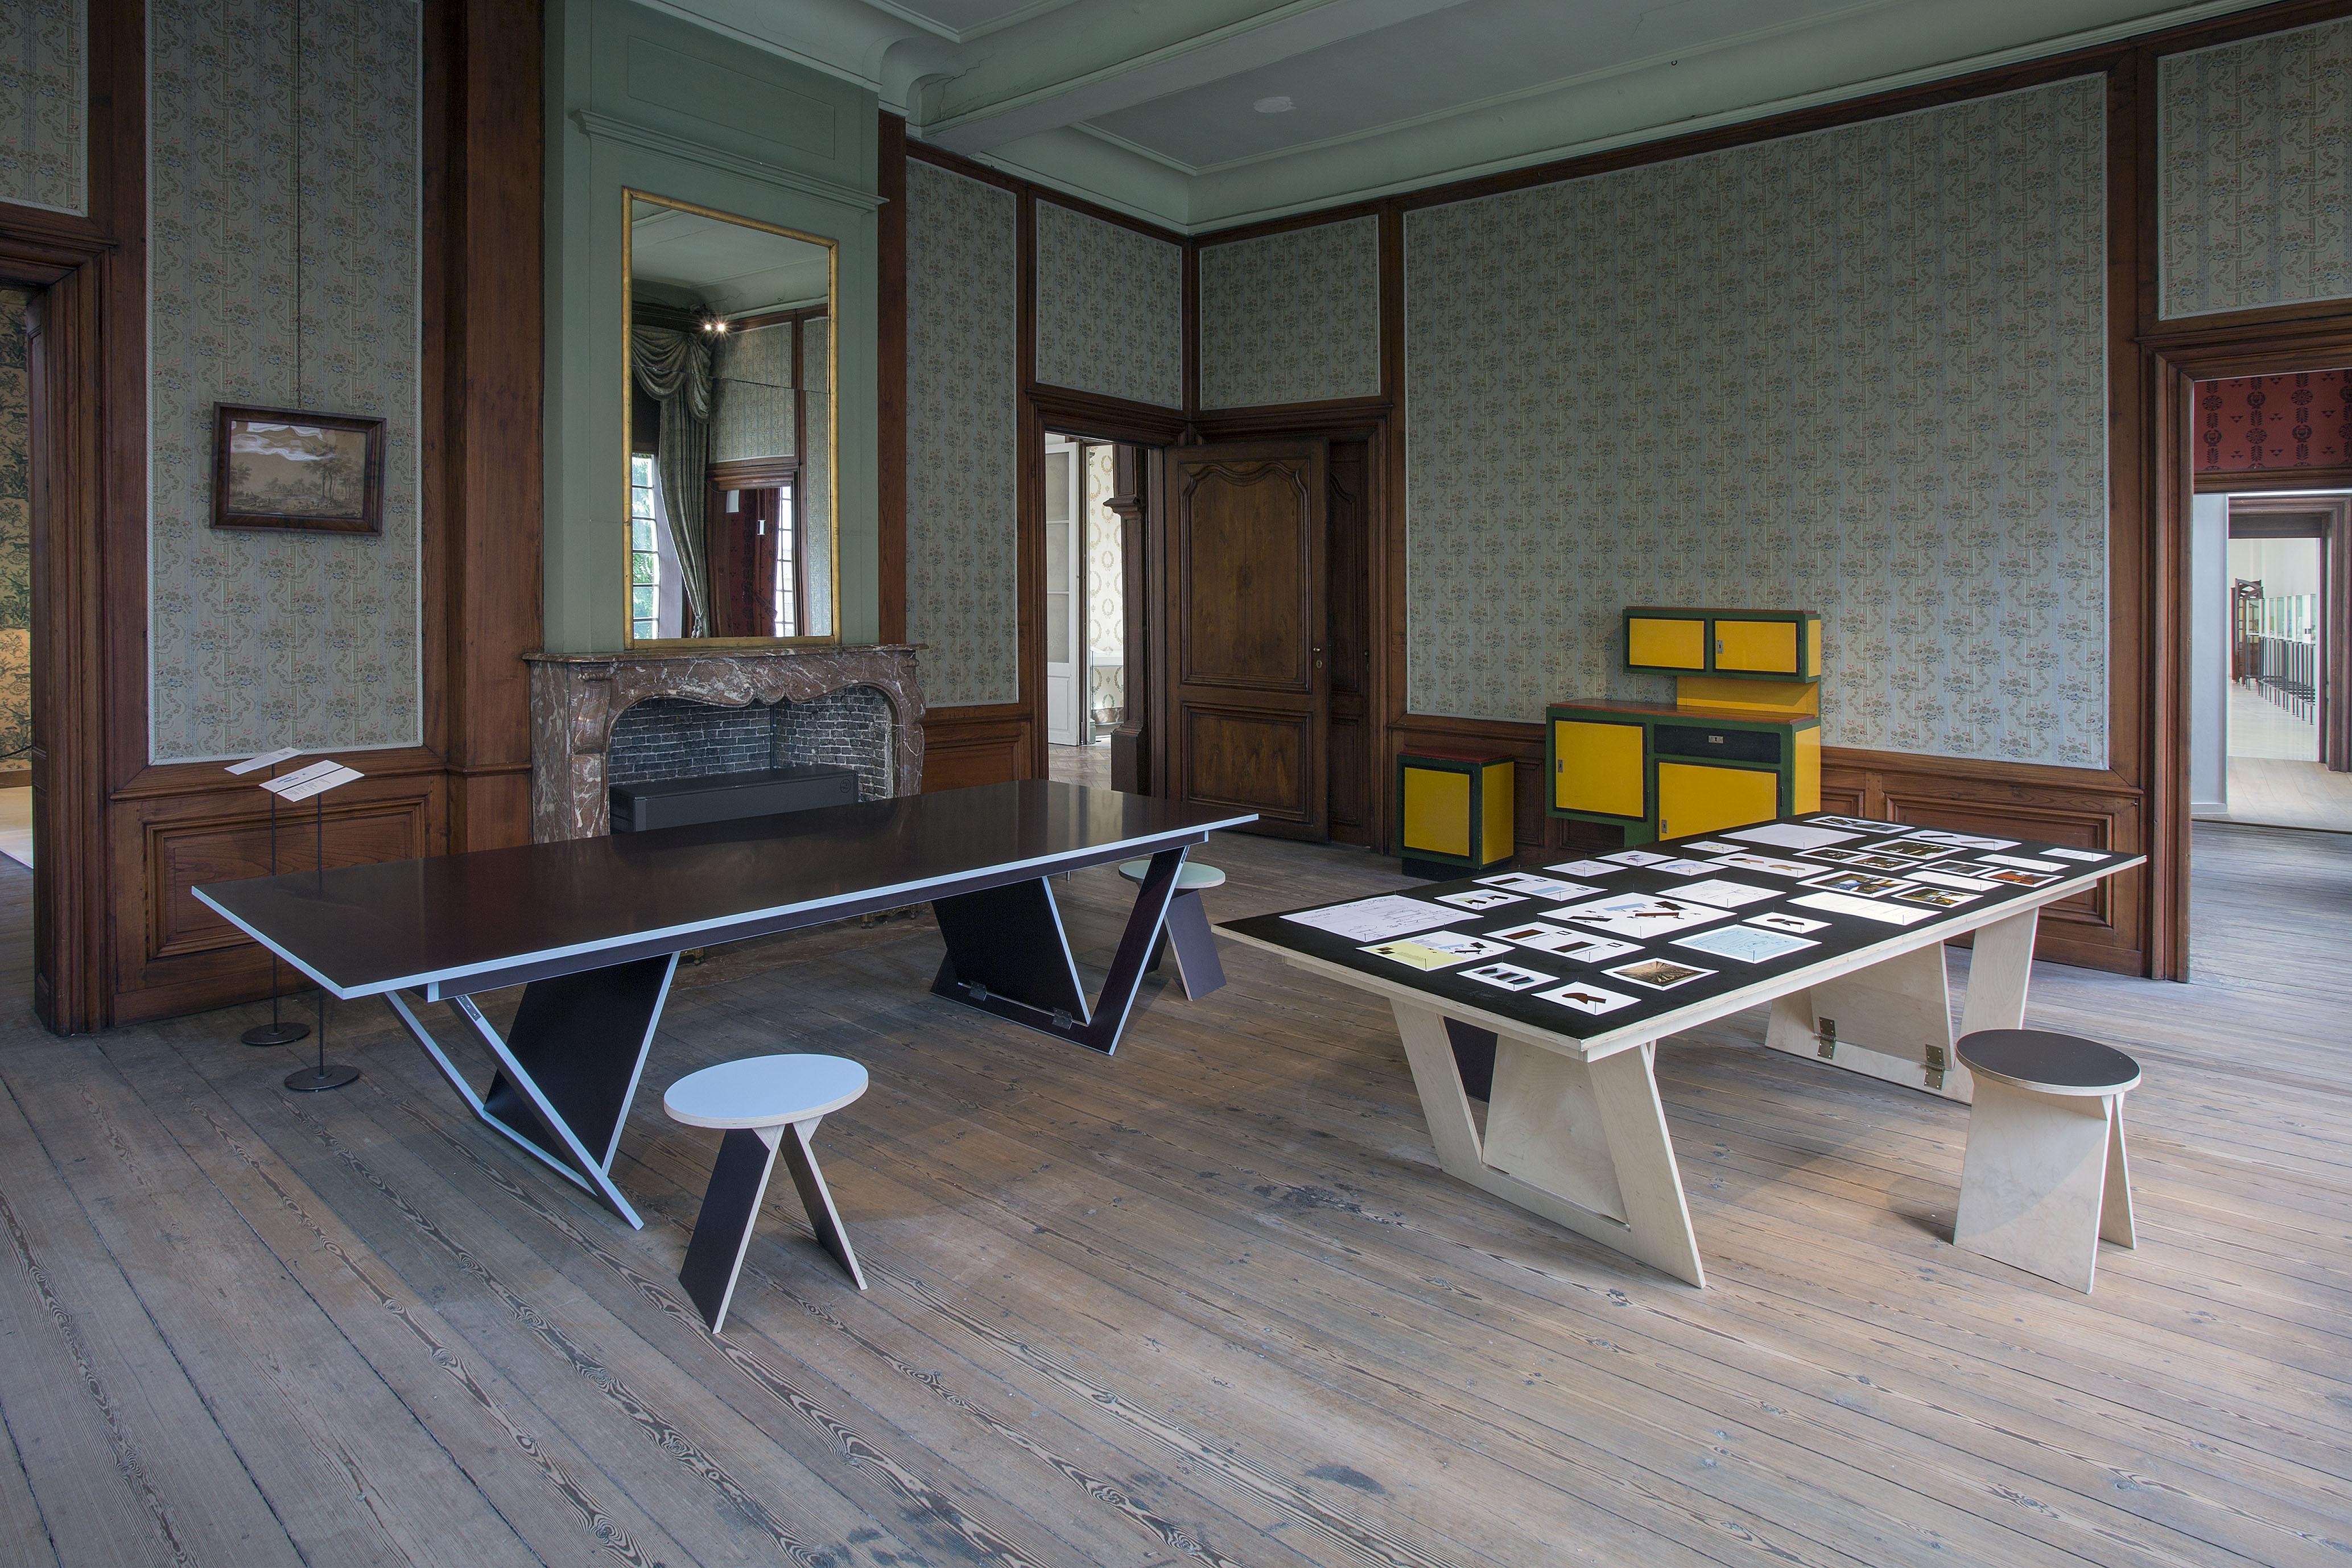 Tentoonstelling 'Een meubel is ook een huis' in het Design museum ...